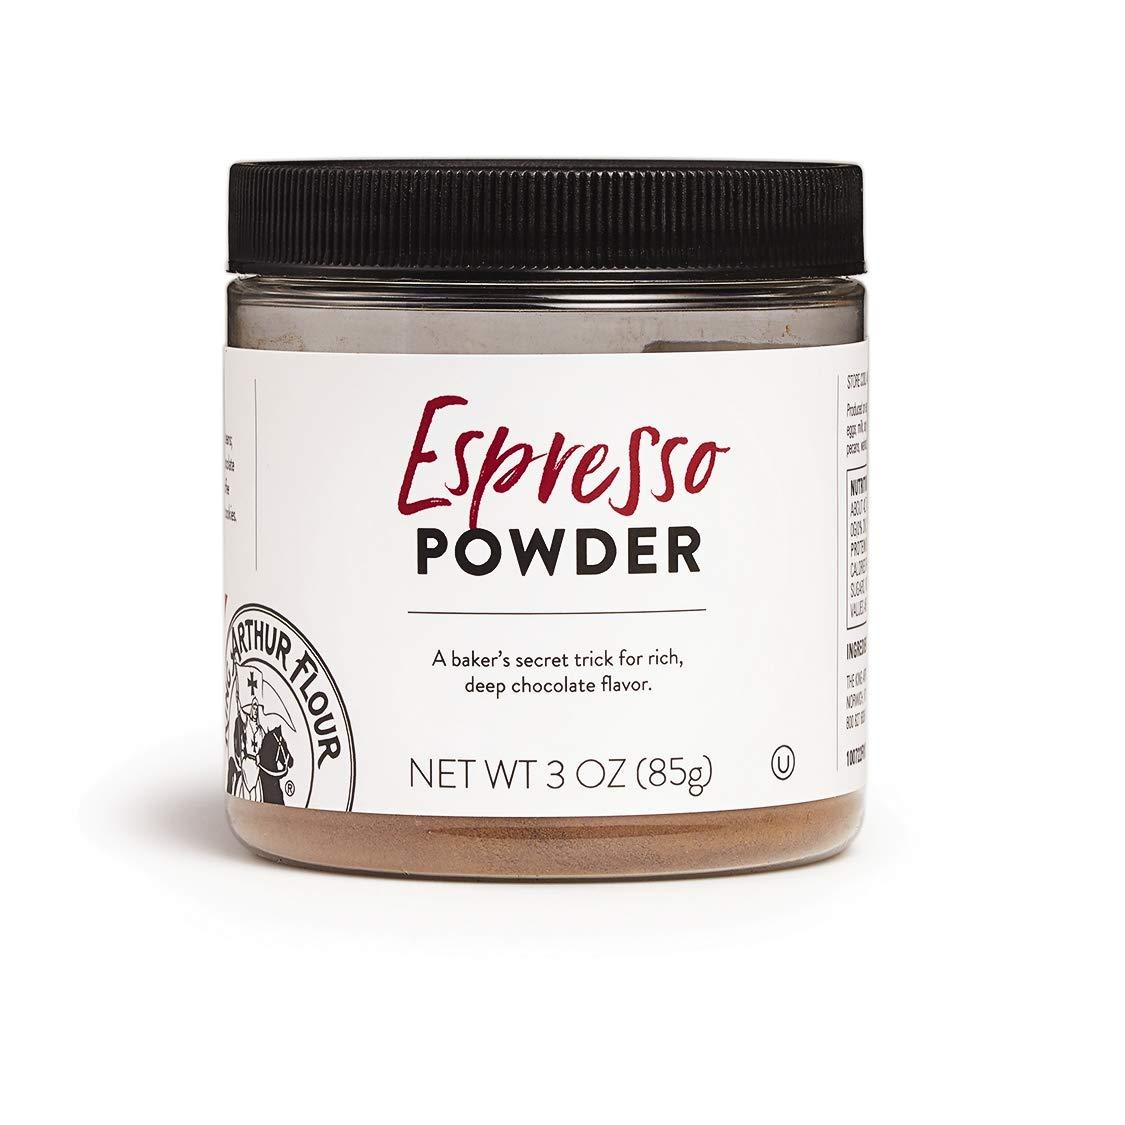 King Arthur Flour Espresso Powder, 3 oz, for cakes, cookies, or all types baking